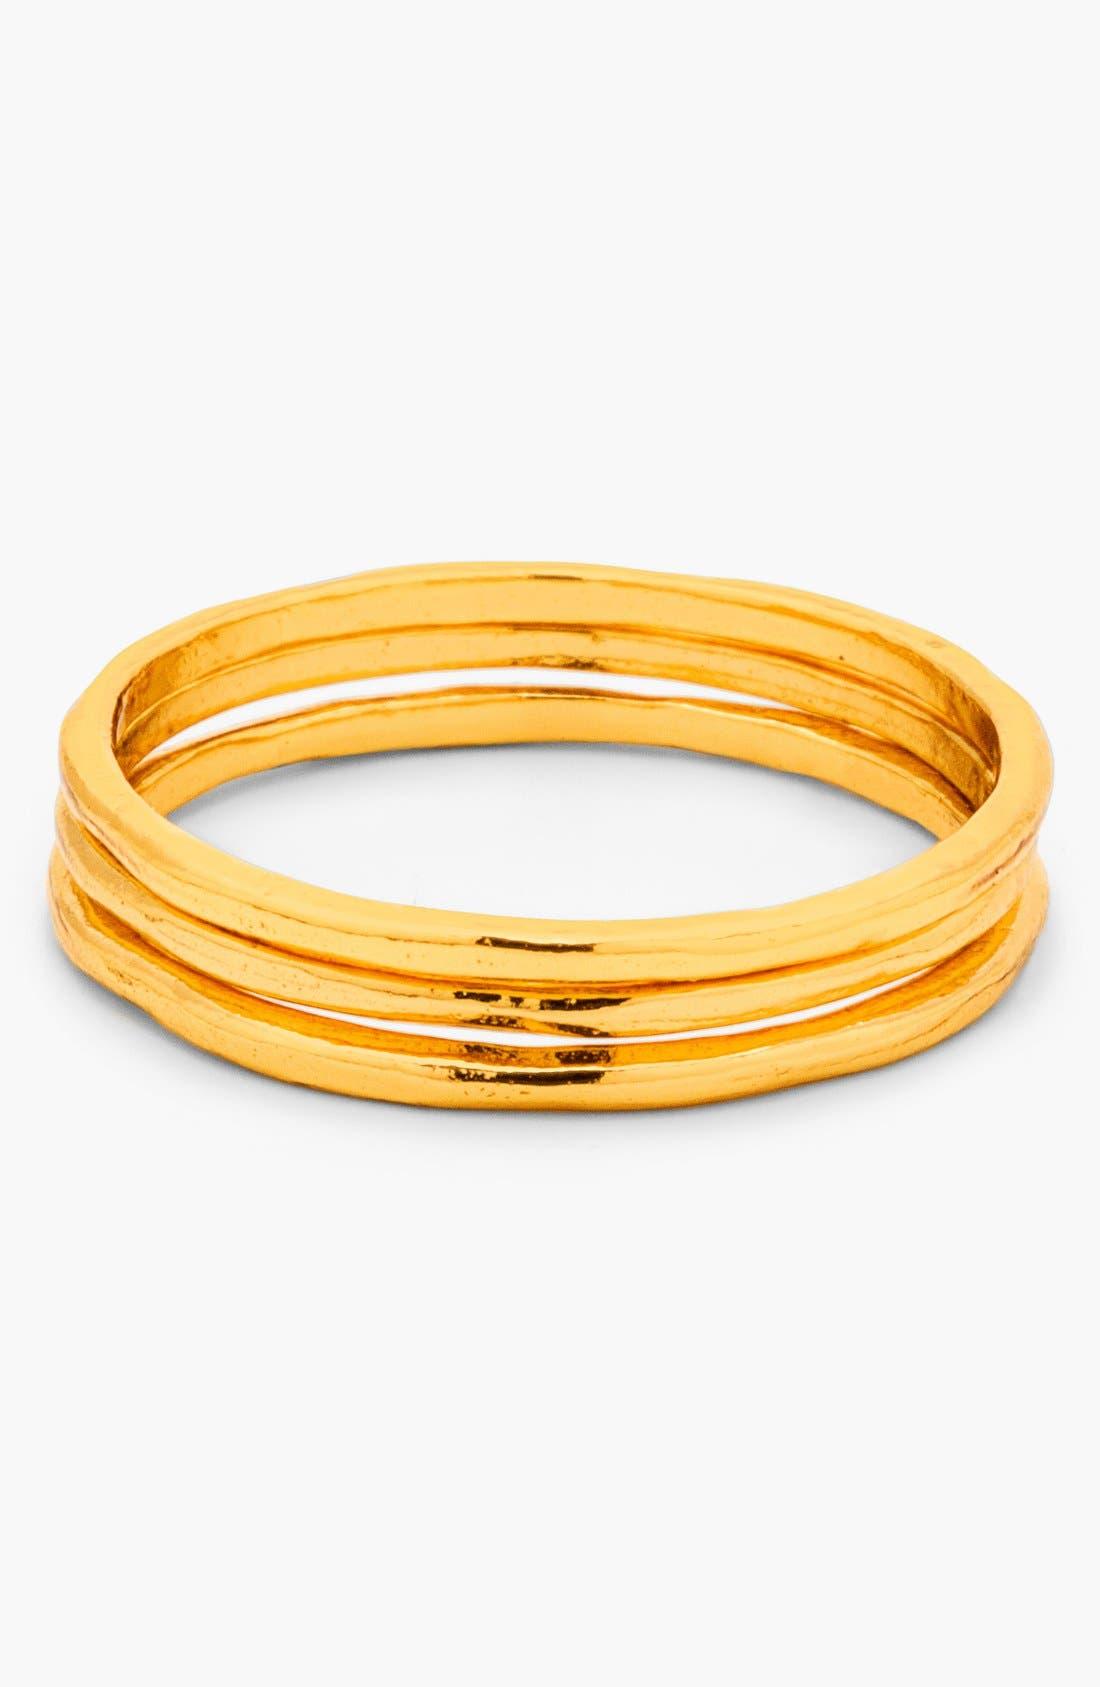 Alternate Image 1 Selected - gorjana 'G Ring' Midi Rings (Set of 3)